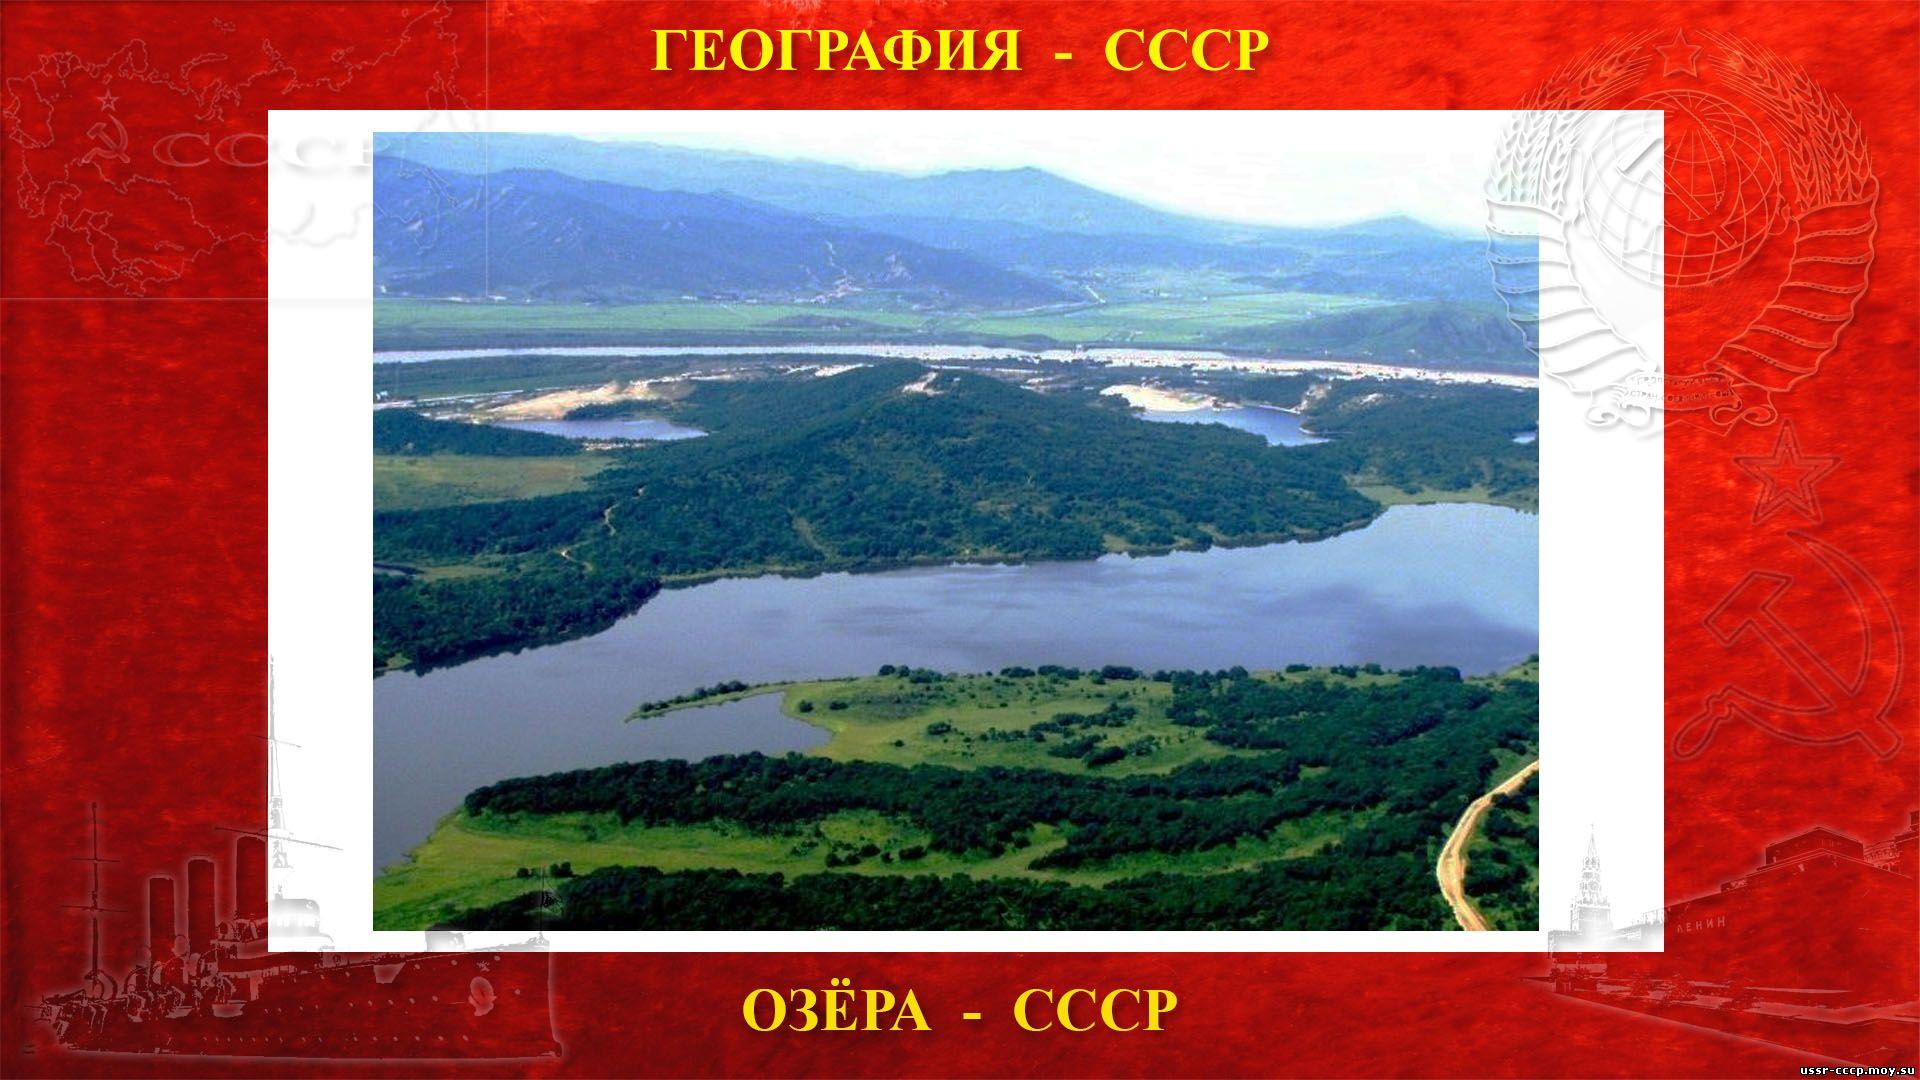 Хасан — Озеро пресноводное в Союза ССР (повествование)